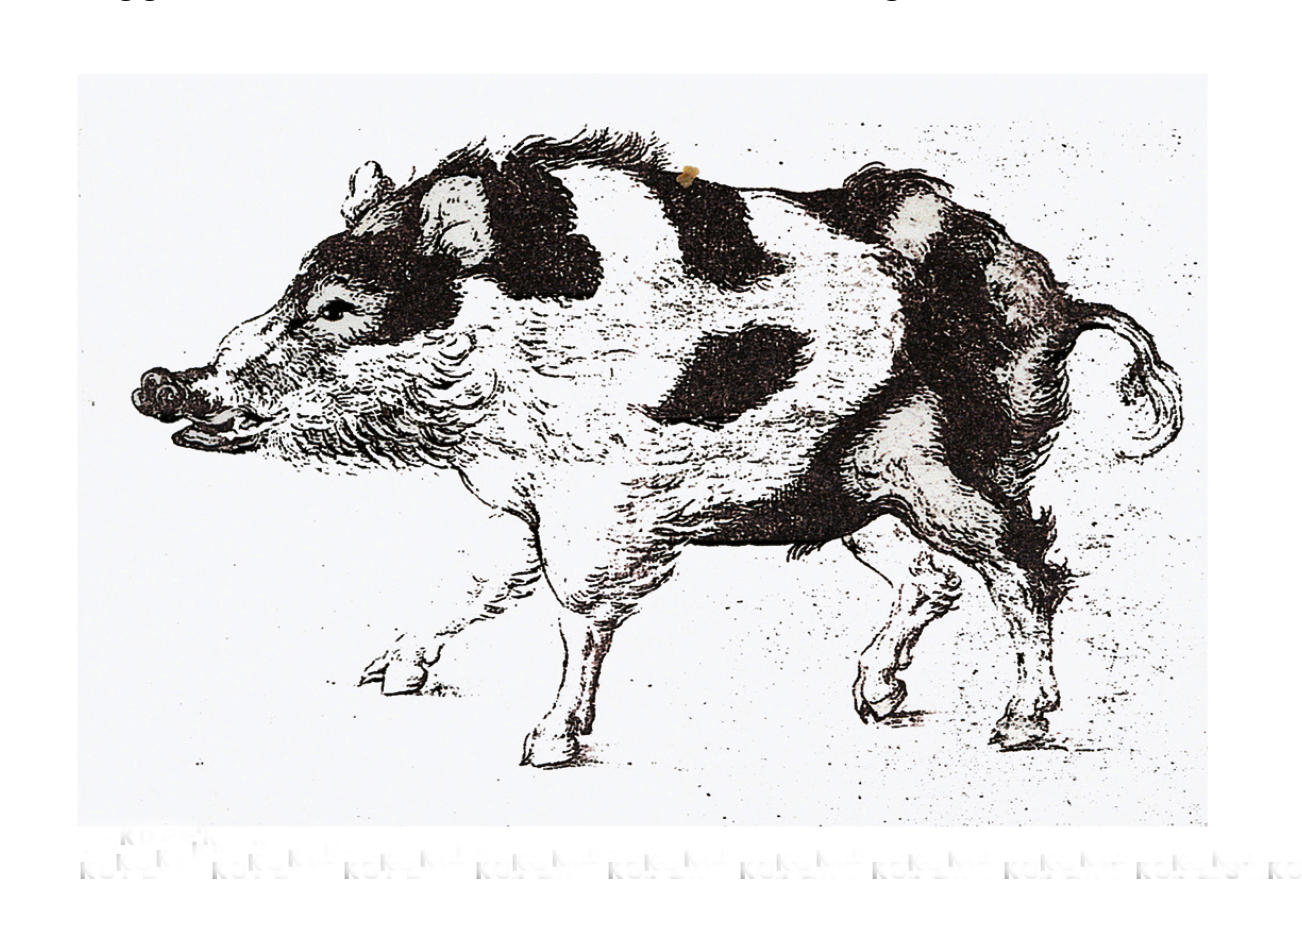 Kopergravure van een bonte keiler bij de wilde zwijnen van Ludwig Cranach 'der Ältere'